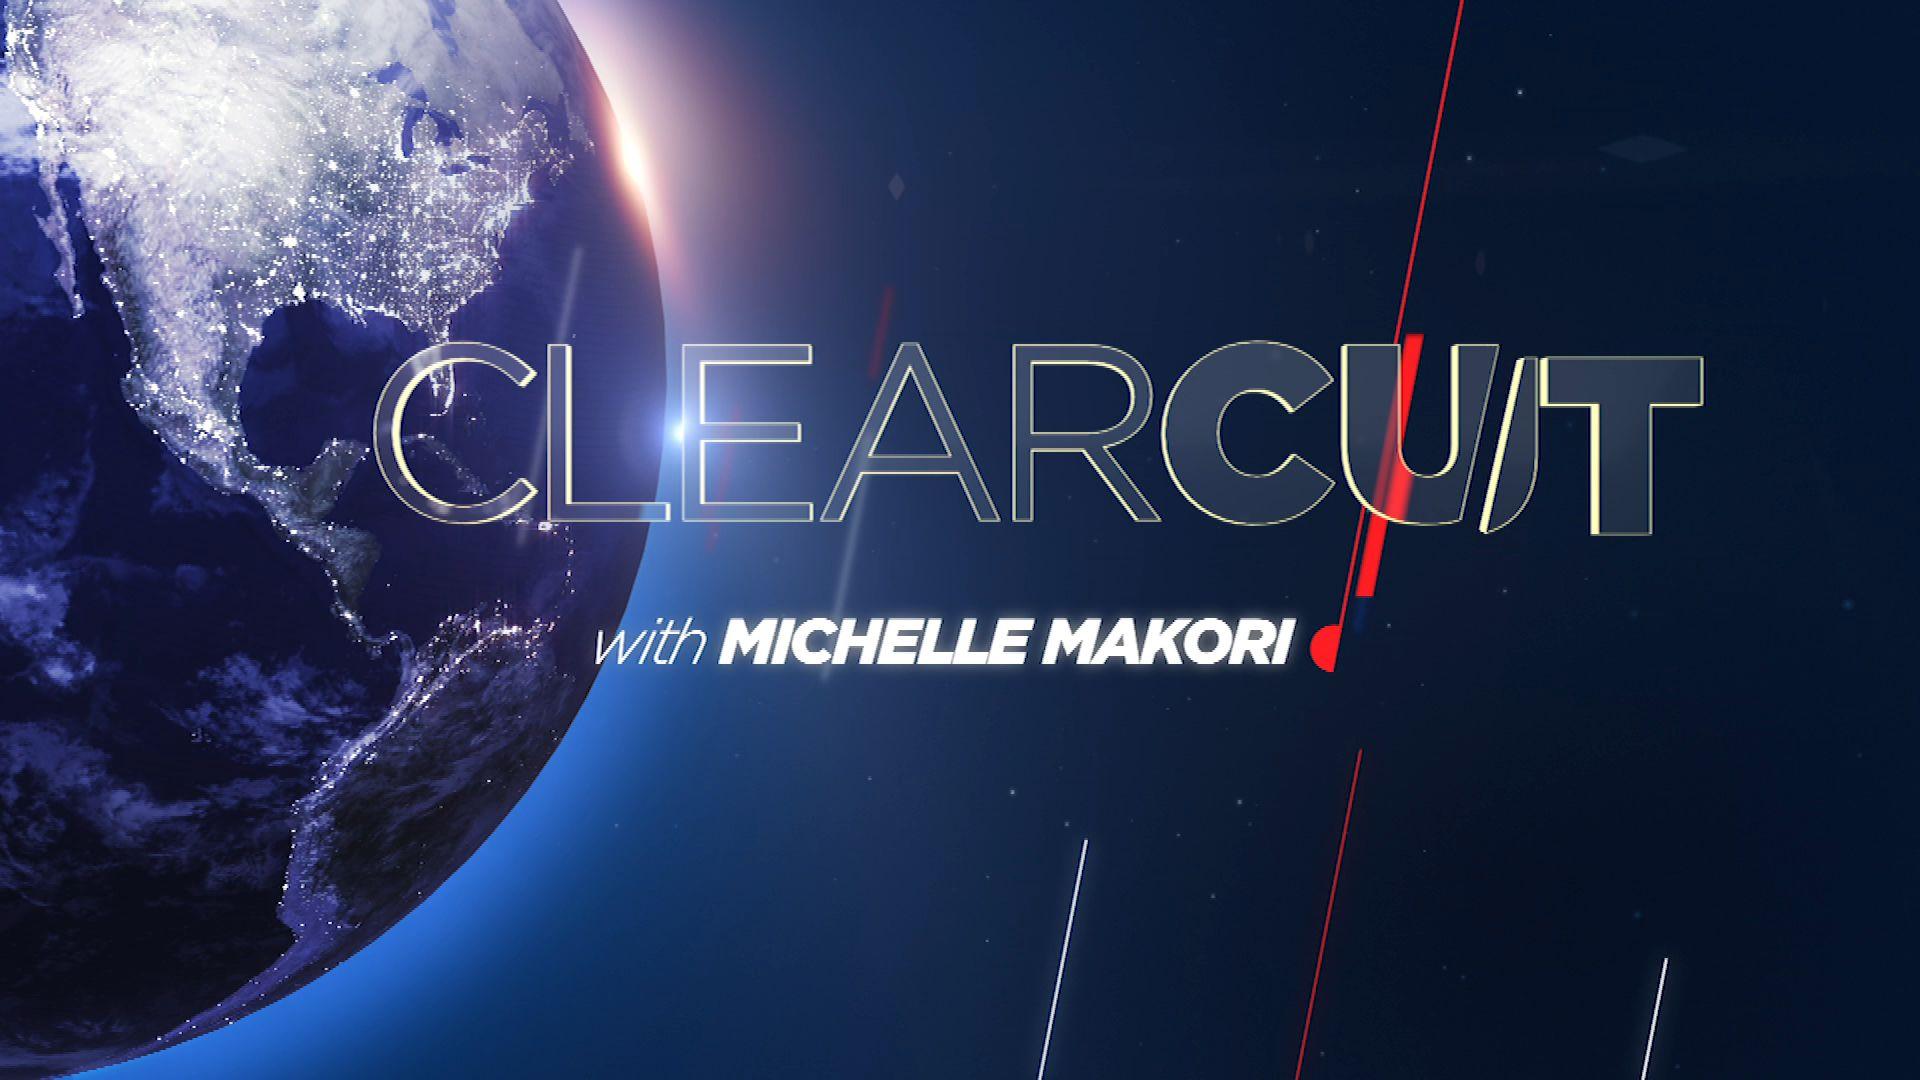 CLEAR CUT   With Michelle Makori